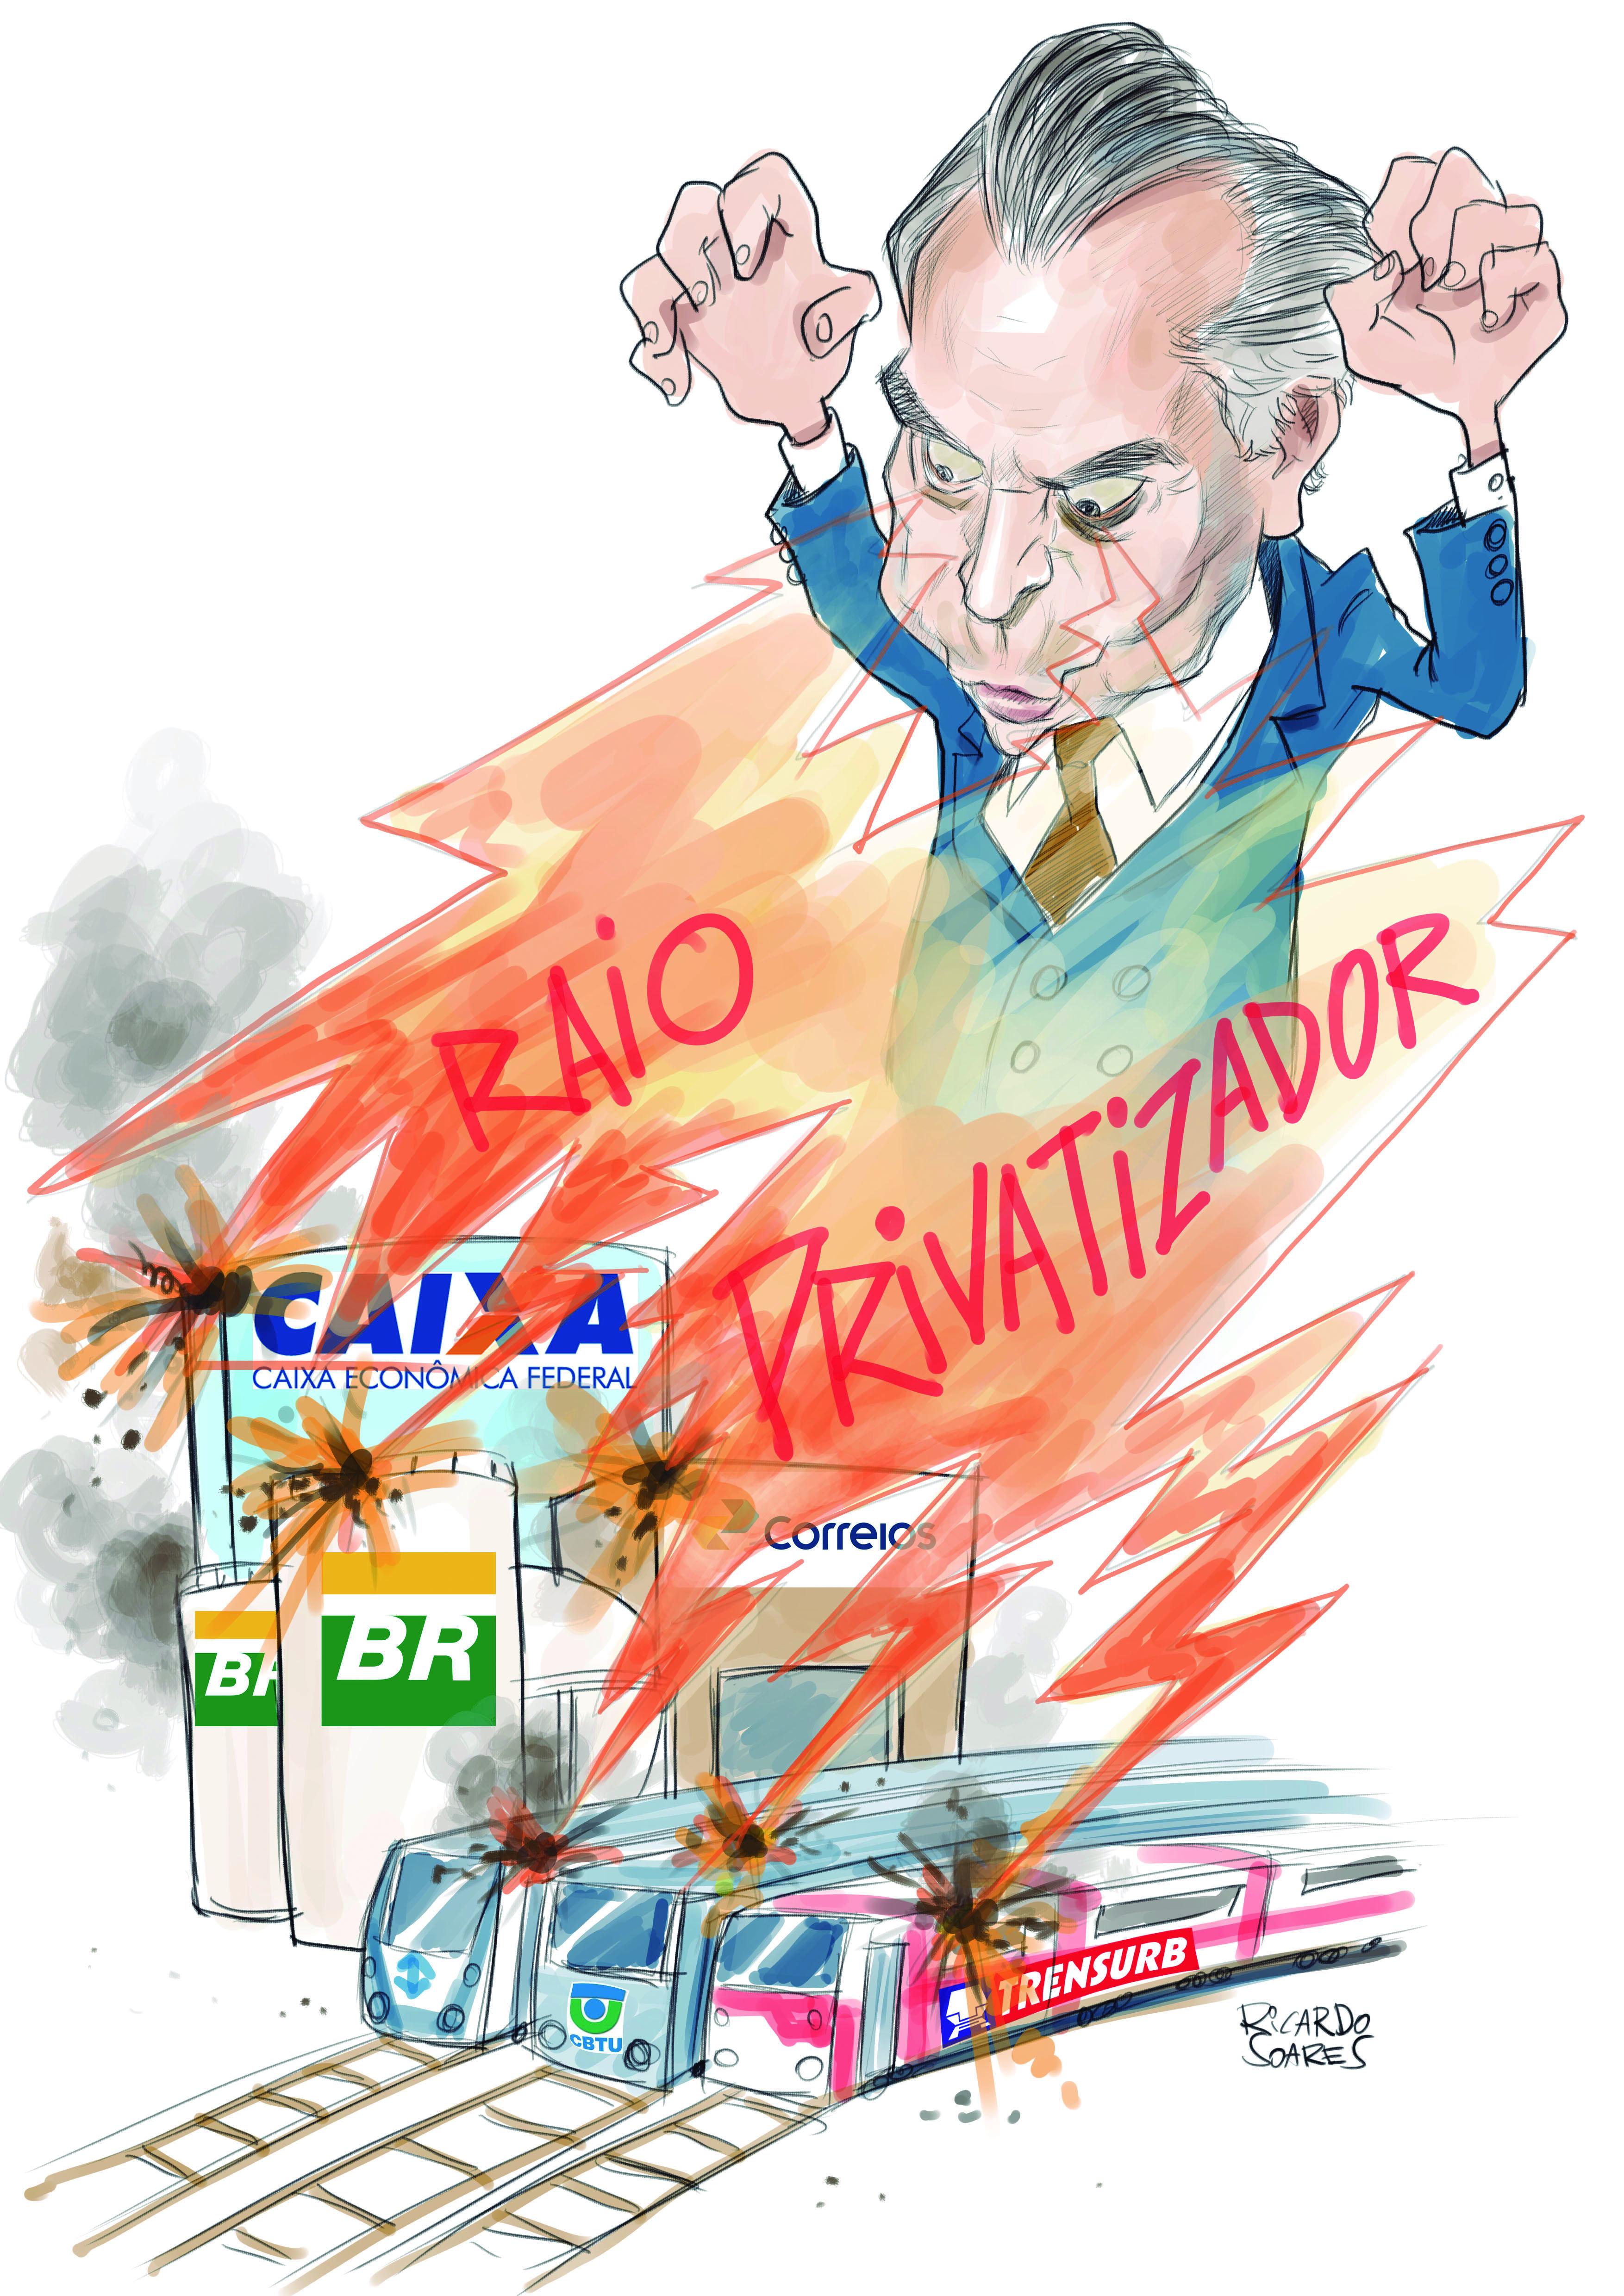 temer_raio_privatizador